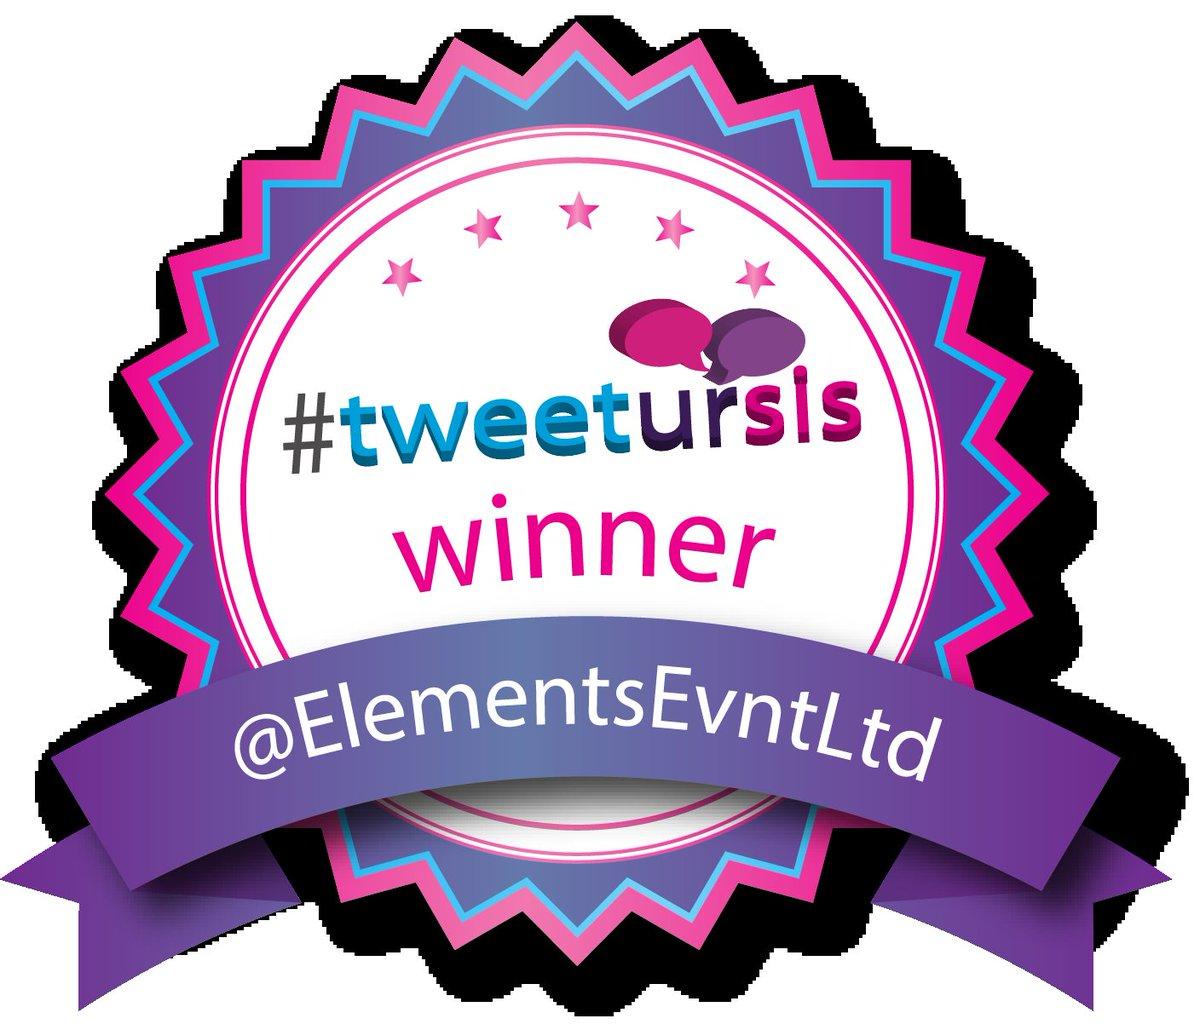 Winner 2nd May 2017 Elementsevntld